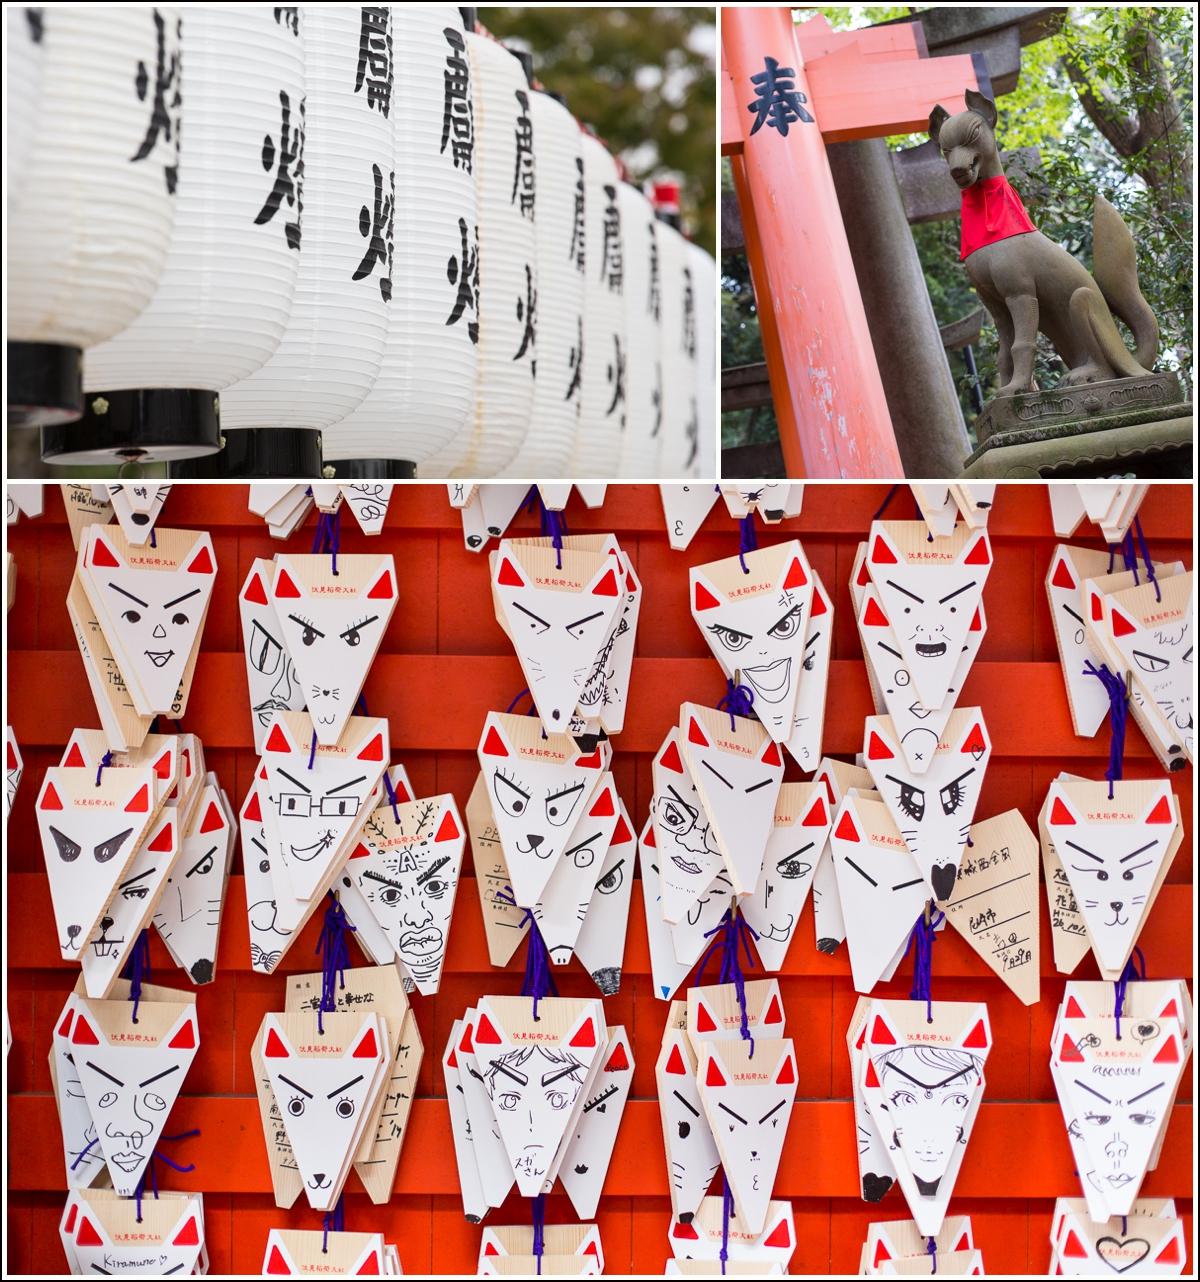 Fushimi-inari-Japan-røde-porter11